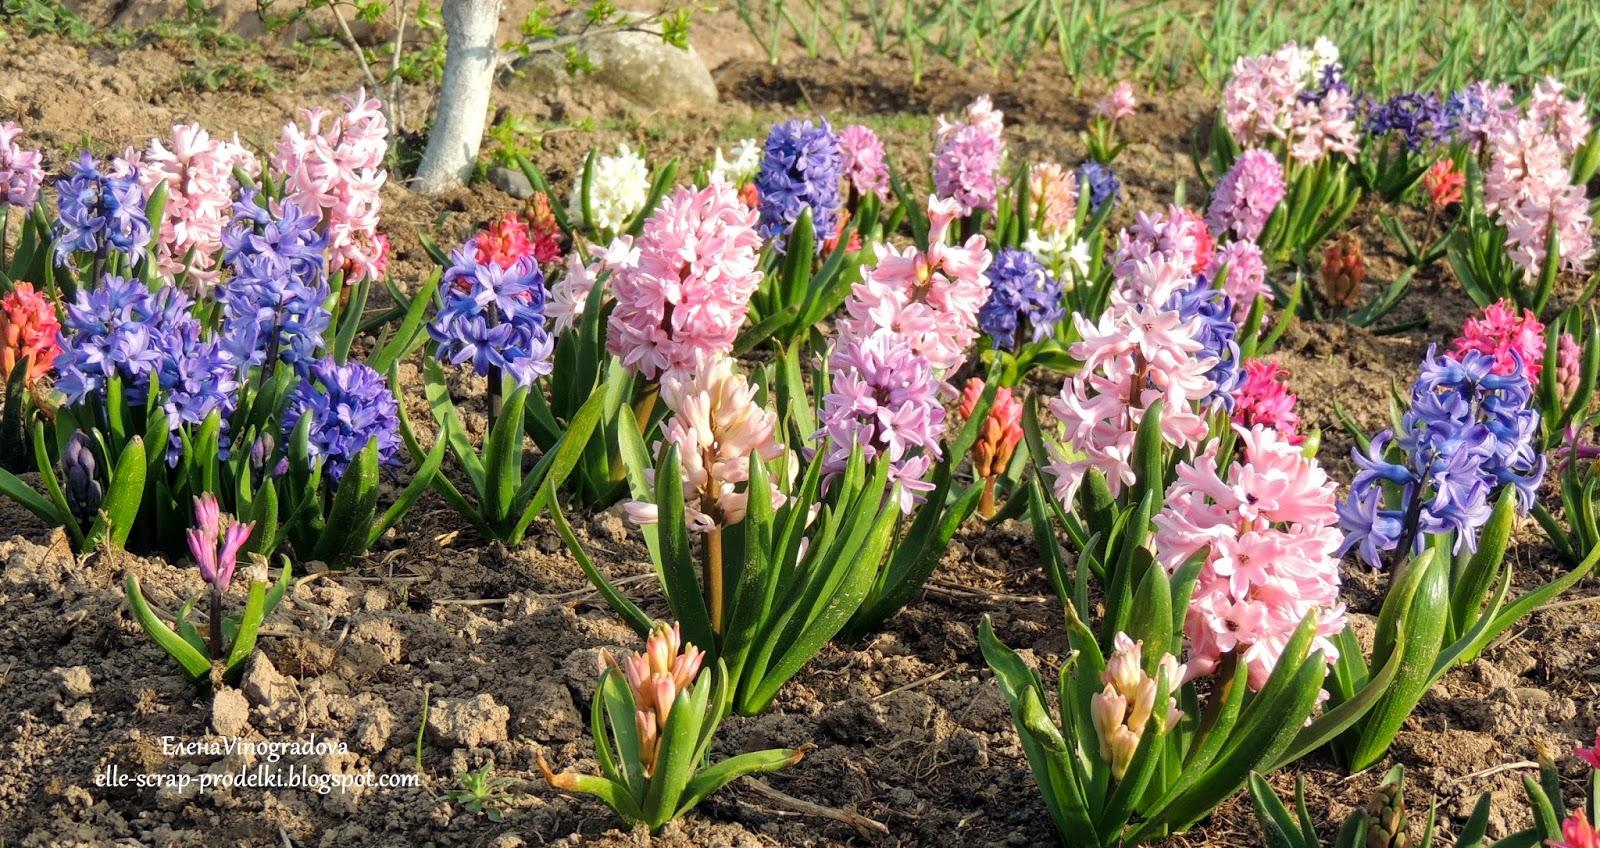 ЕленаVinogradova. Цветы нашего сада #13